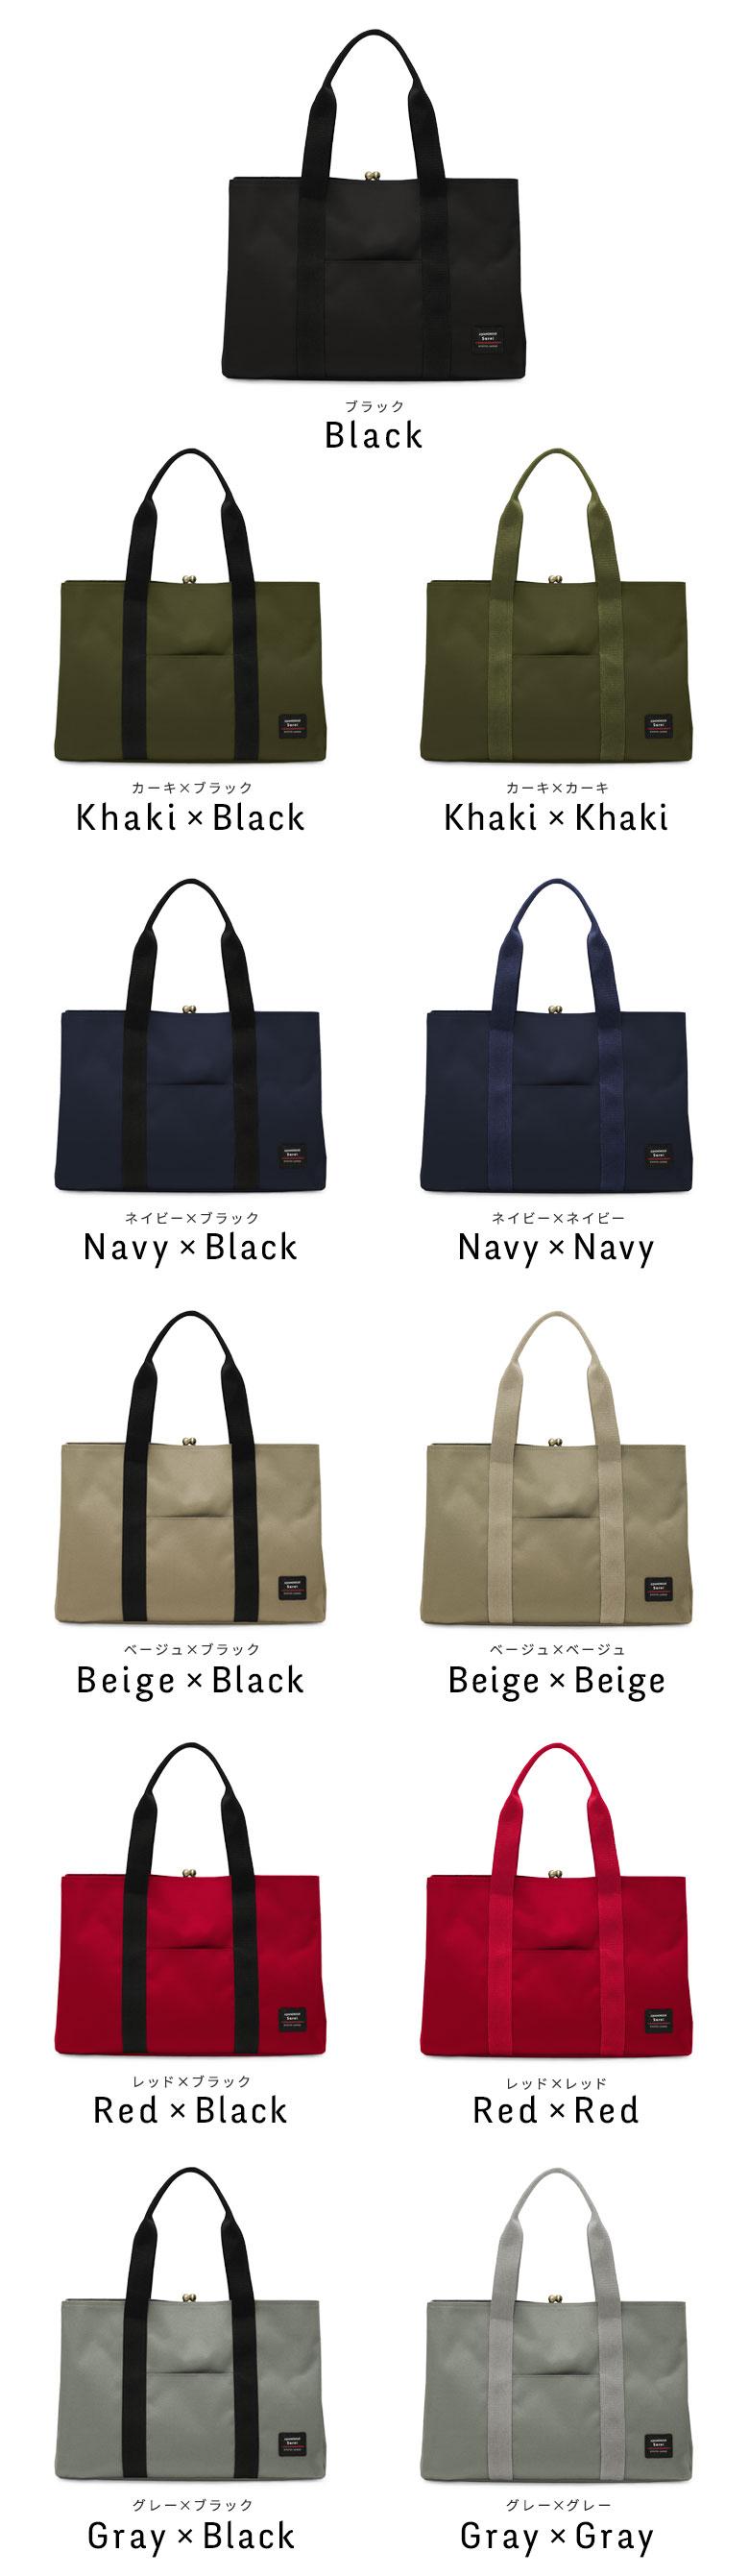 AYANOKOJI Sarei がま口スクエアトートバッグ(L) カジュアルにオールシーズン使える、ユニセックスなカラーをご用意。Black(ブラック) Khaki(カーキ) Navy(ネイビー) Beige(ベージュ) Red(レッド) Gray(グレー)